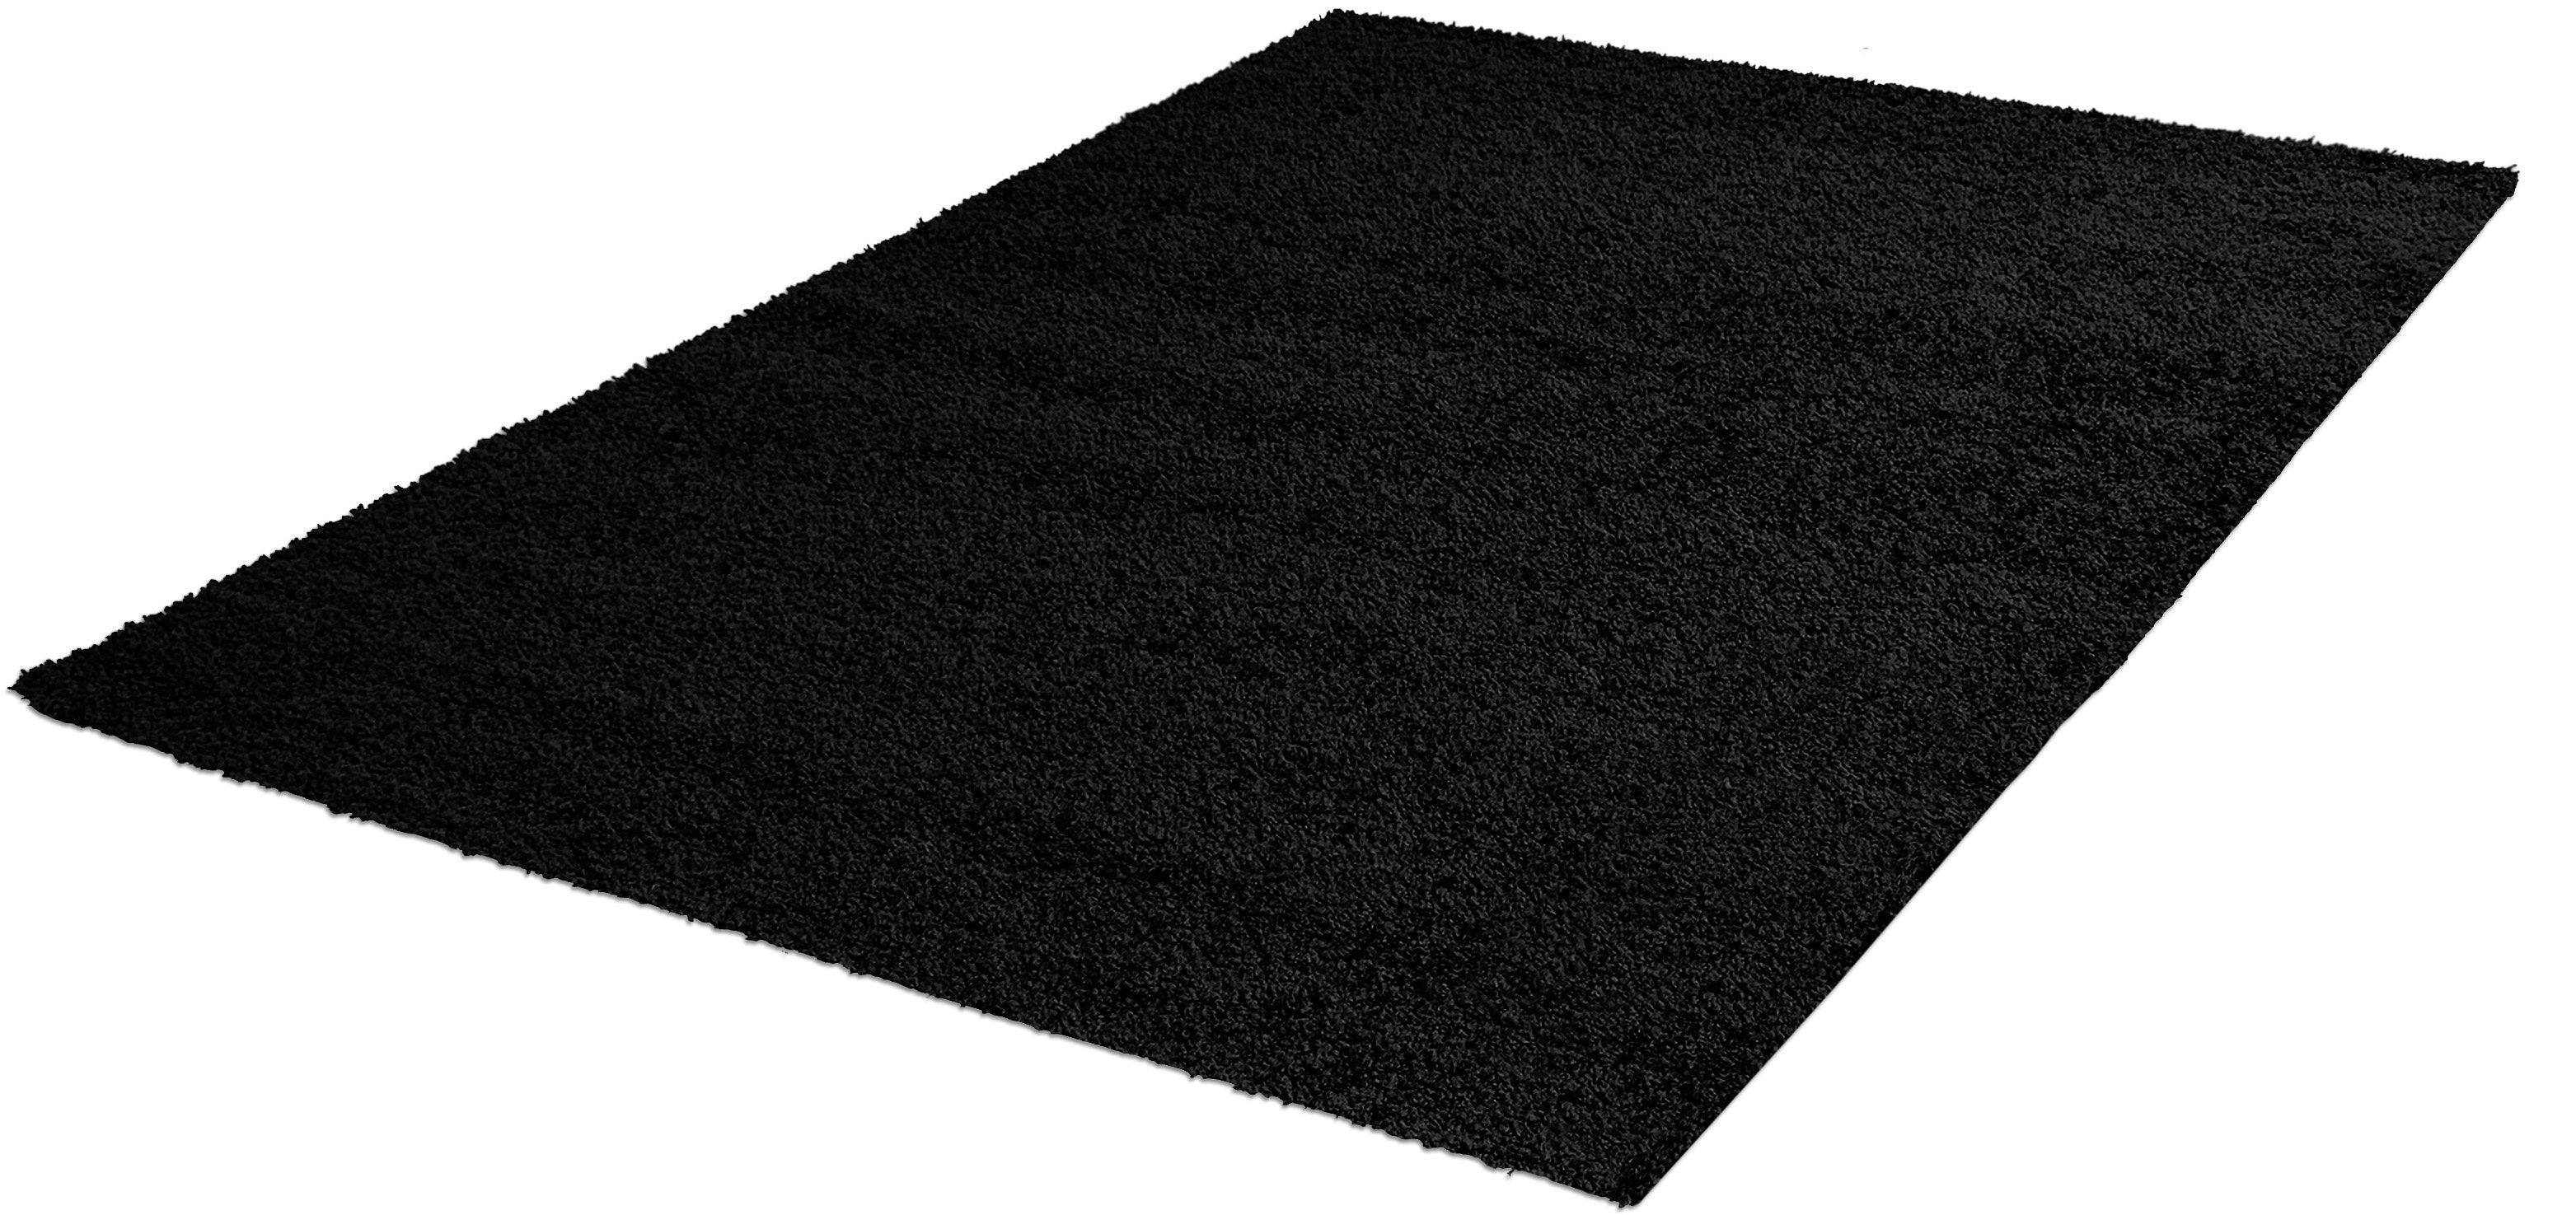 Hochflor Teppich Trend Teppiche Shaggy 8000 Hohe 30 Mm Jetzt Bestellen Unter Https Moebel Ladendirekt De Heimtextili Teppich Textilien Hochflor Teppich